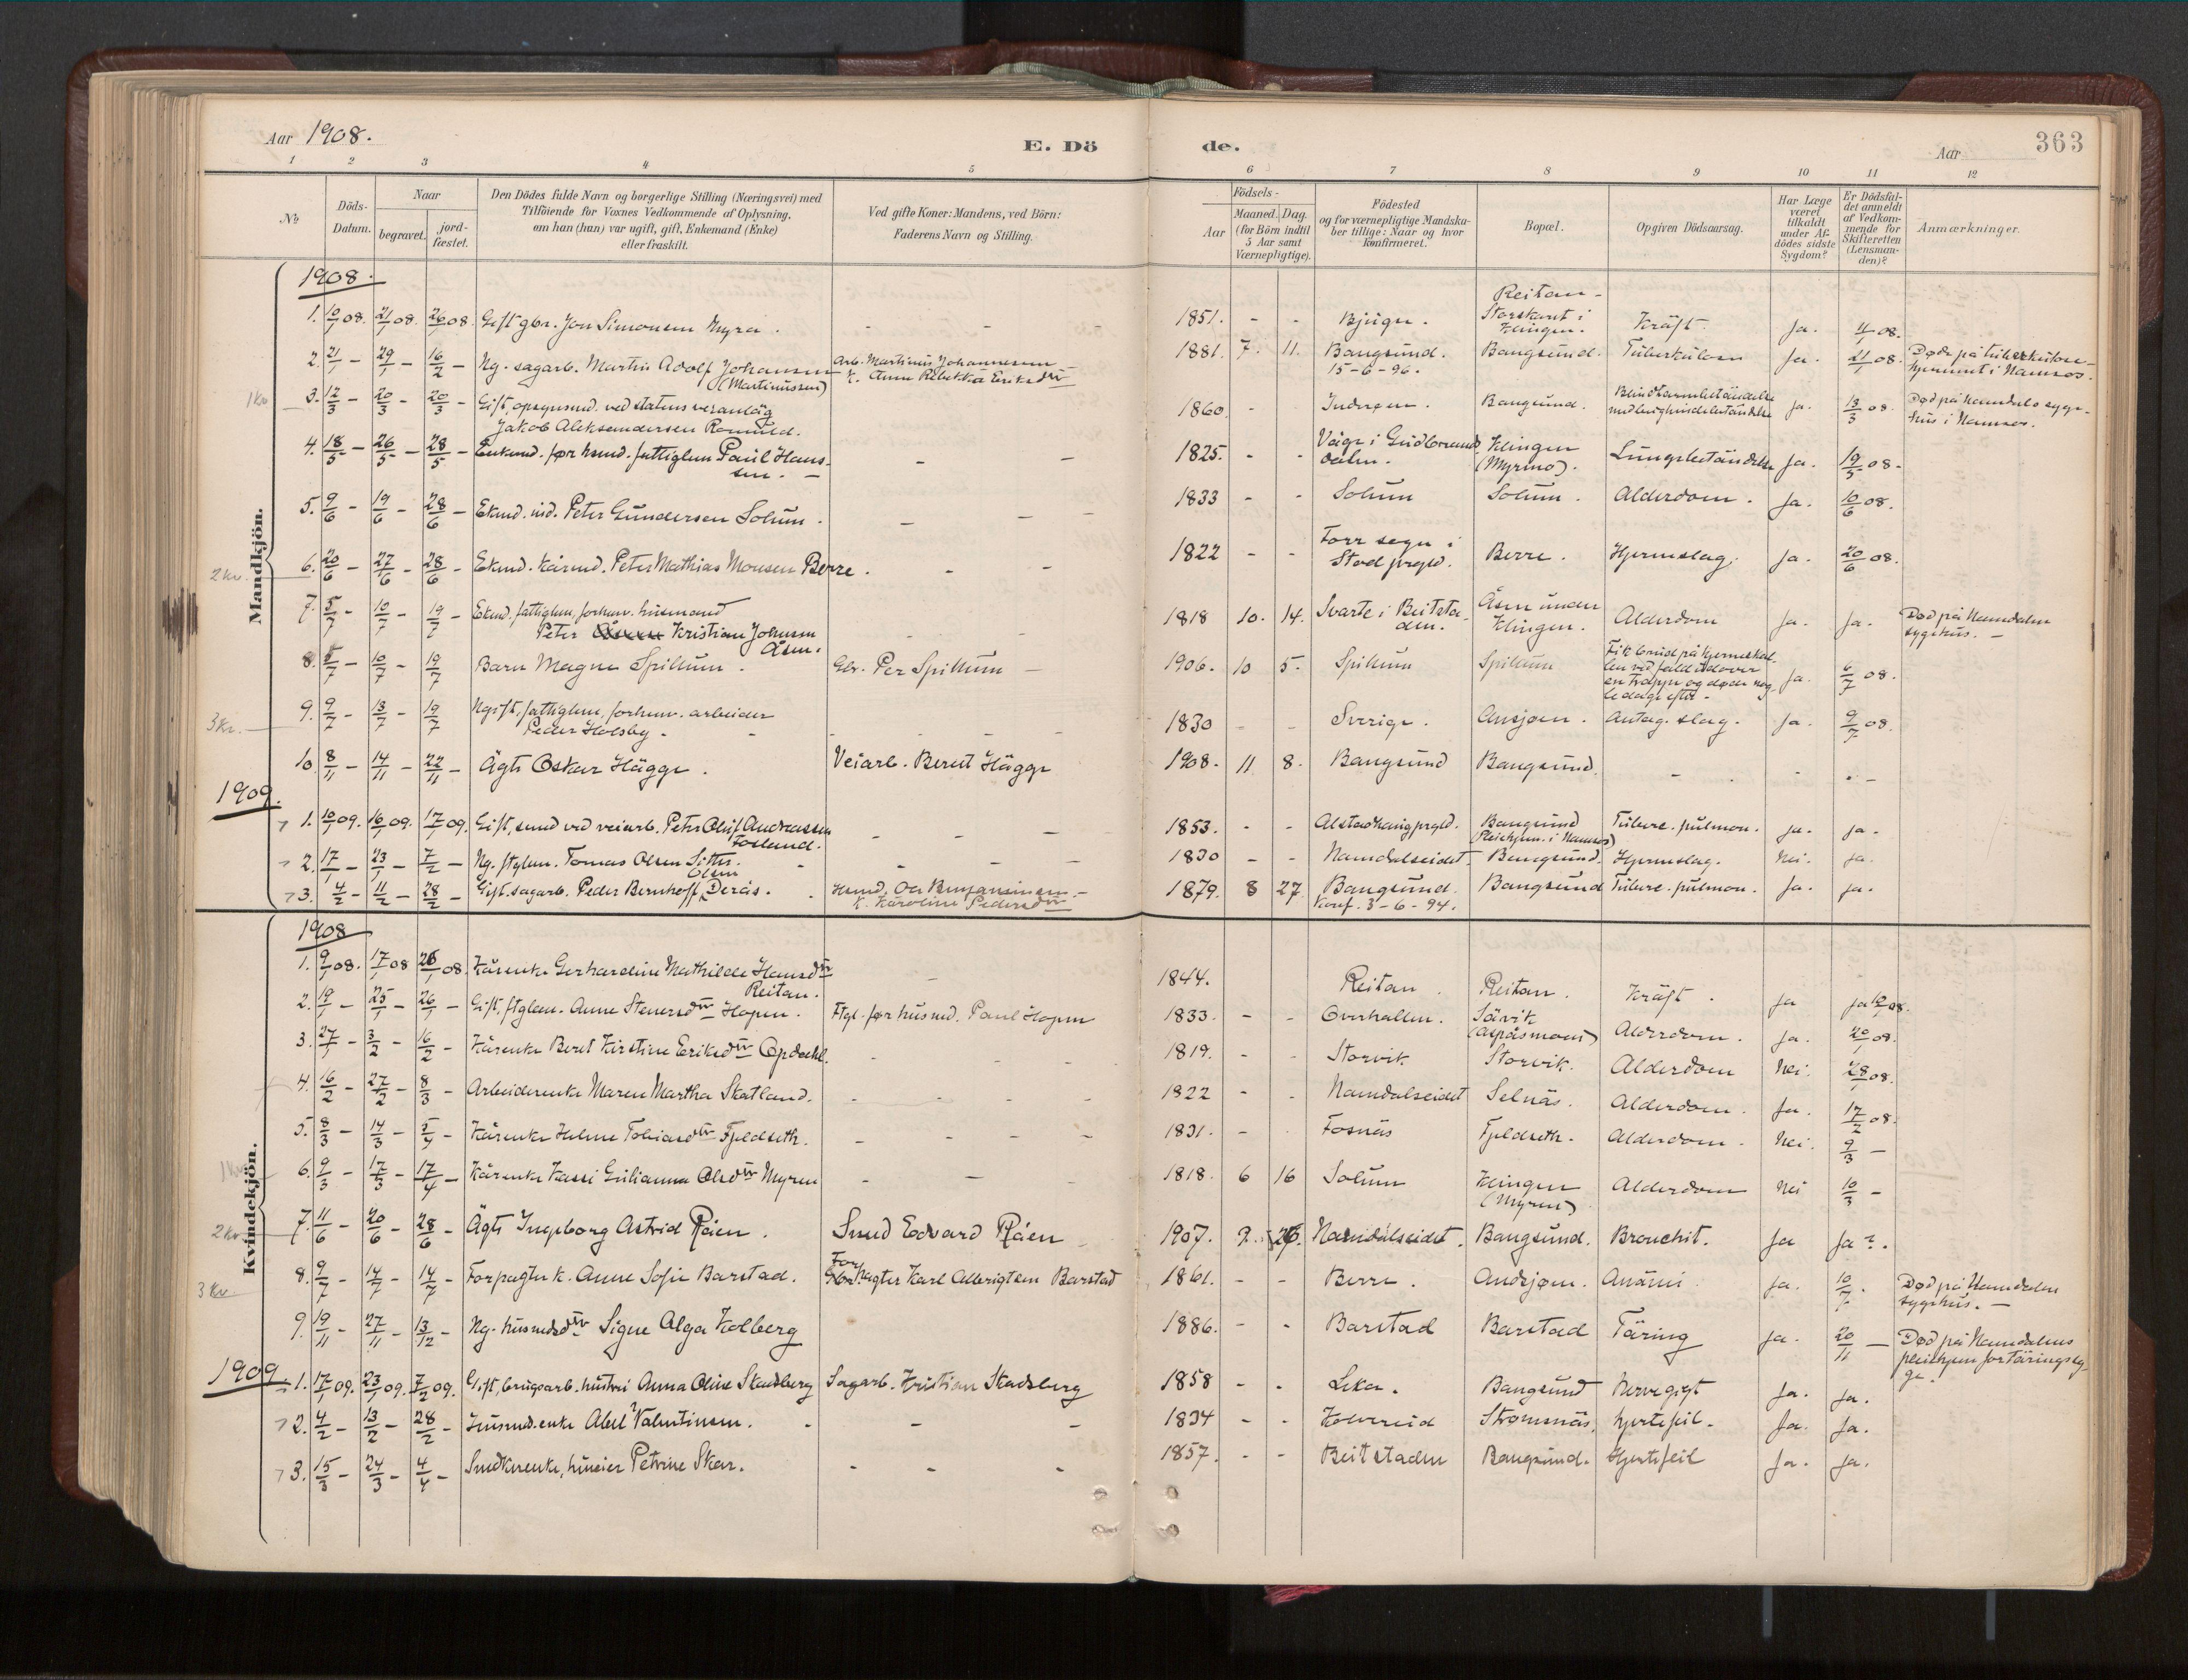 SAT, Ministerialprotokoller, klokkerbøker og fødselsregistre - Nord-Trøndelag, 770/L0589: Ministerialbok nr. 770A03, 1887-1929, s. 363